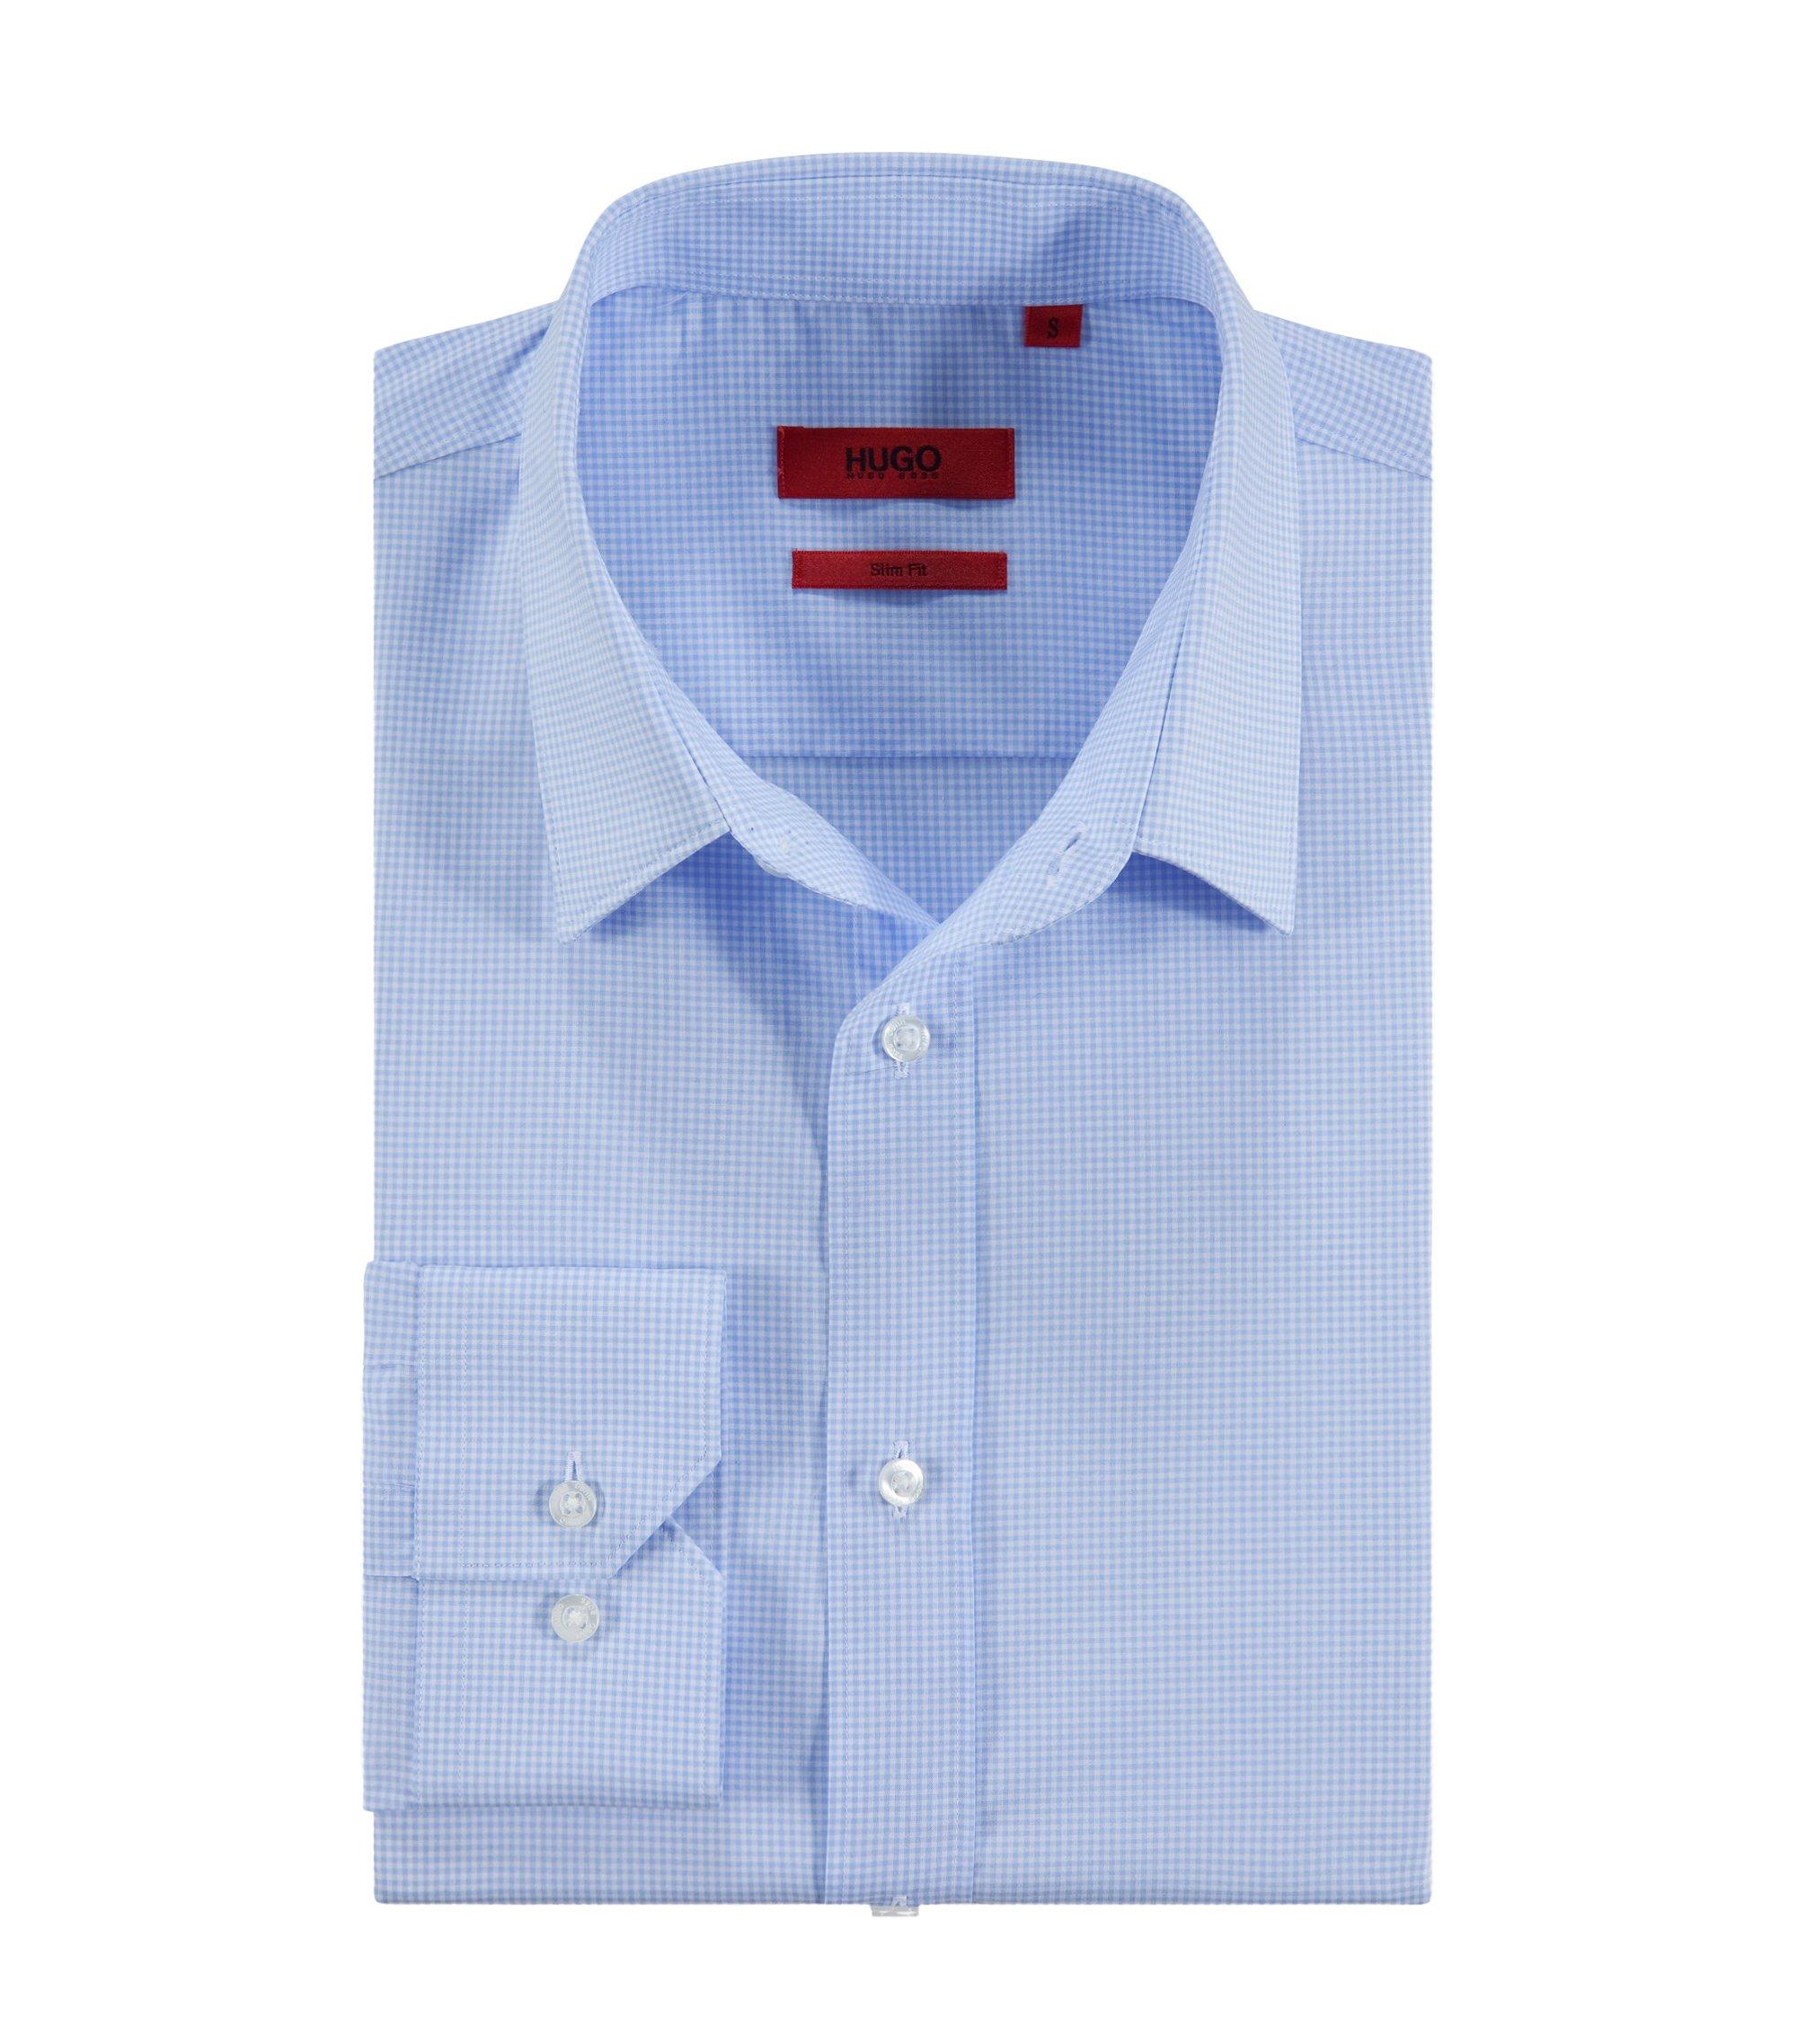 Freizeit-Hemd ´Elisha` mit kleinen Vichy-Karos, Hellblau